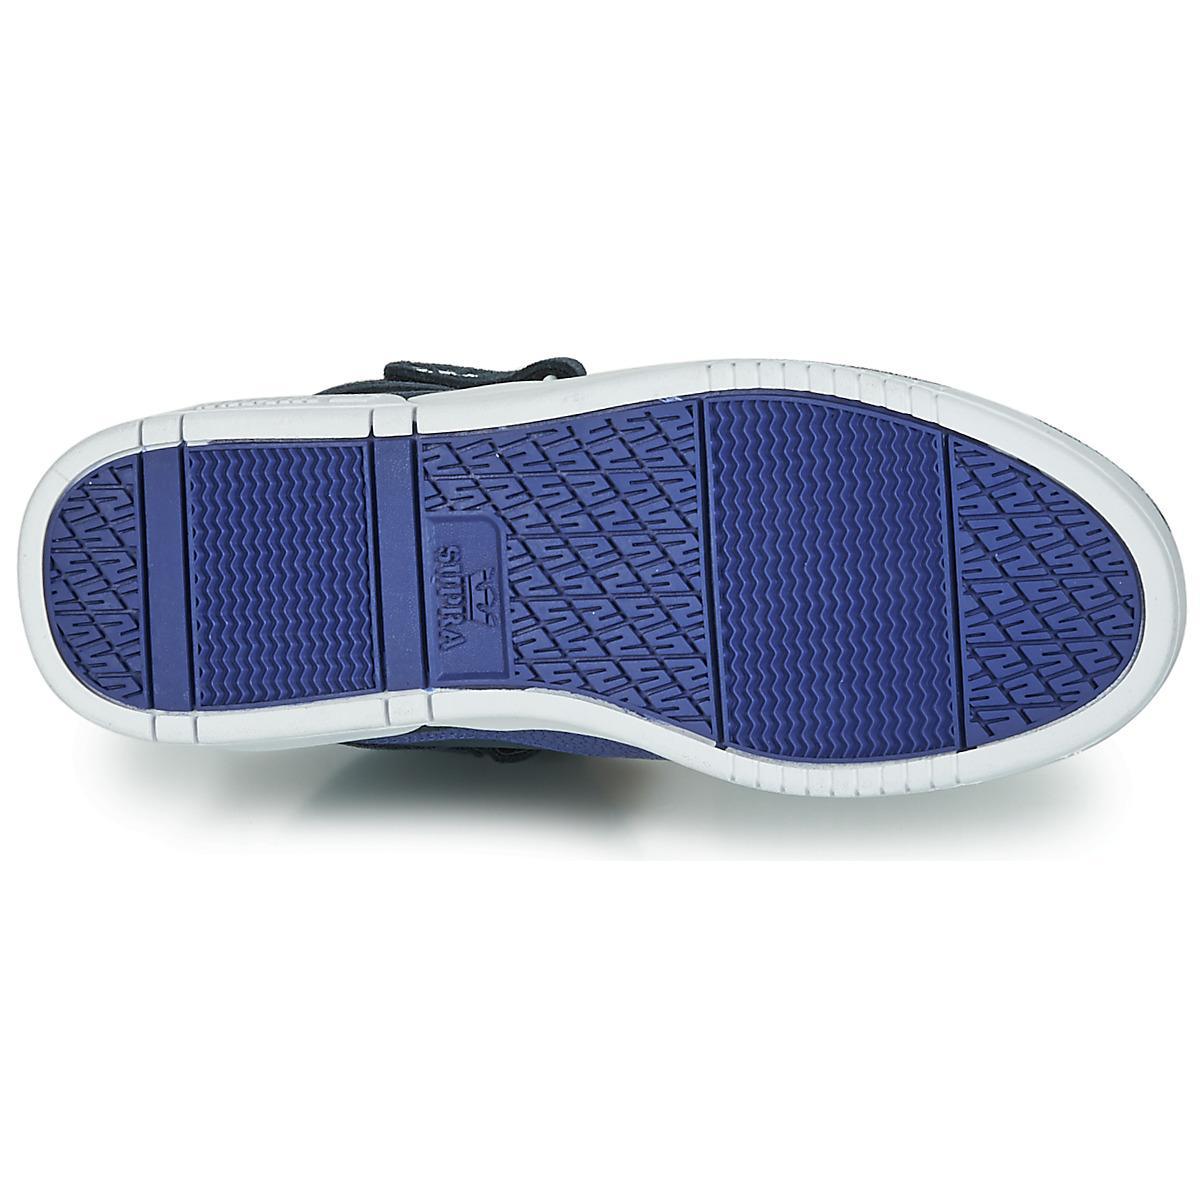 74f61de869 Breaker Coloris Chaussures Bleu Supra En Lyst Femmes W9ED2IH